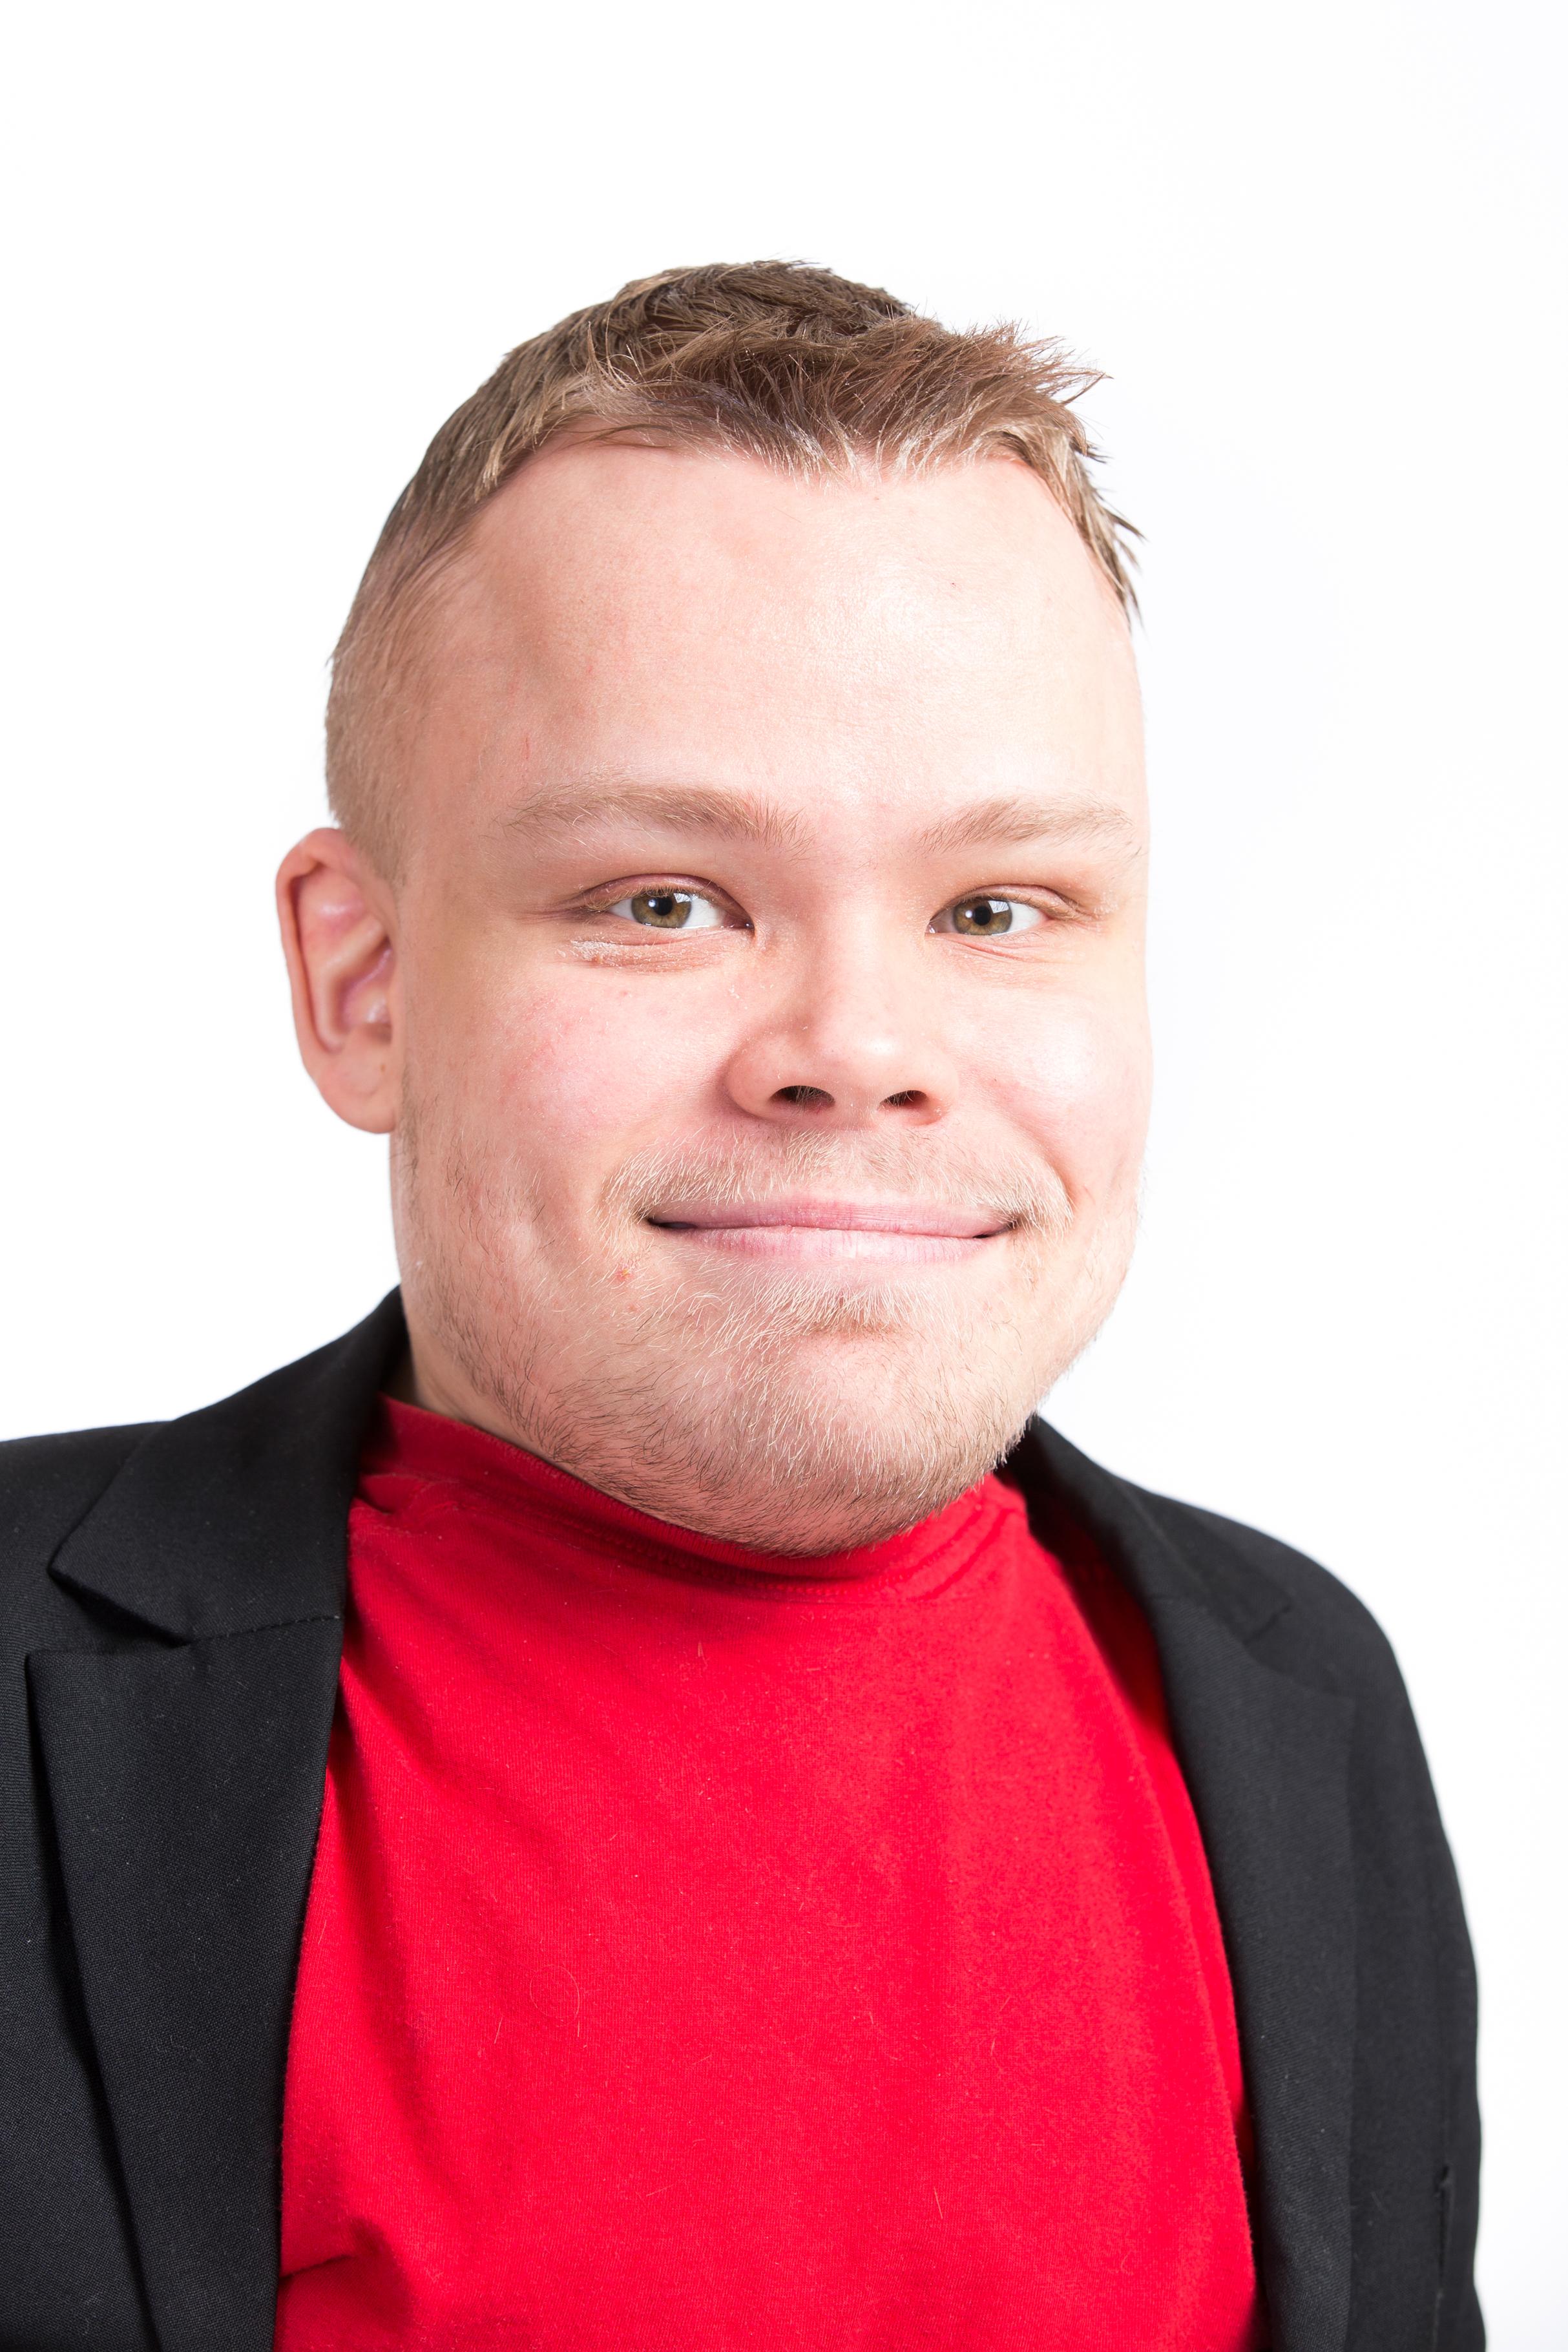 Mr. Tuomas Tuure